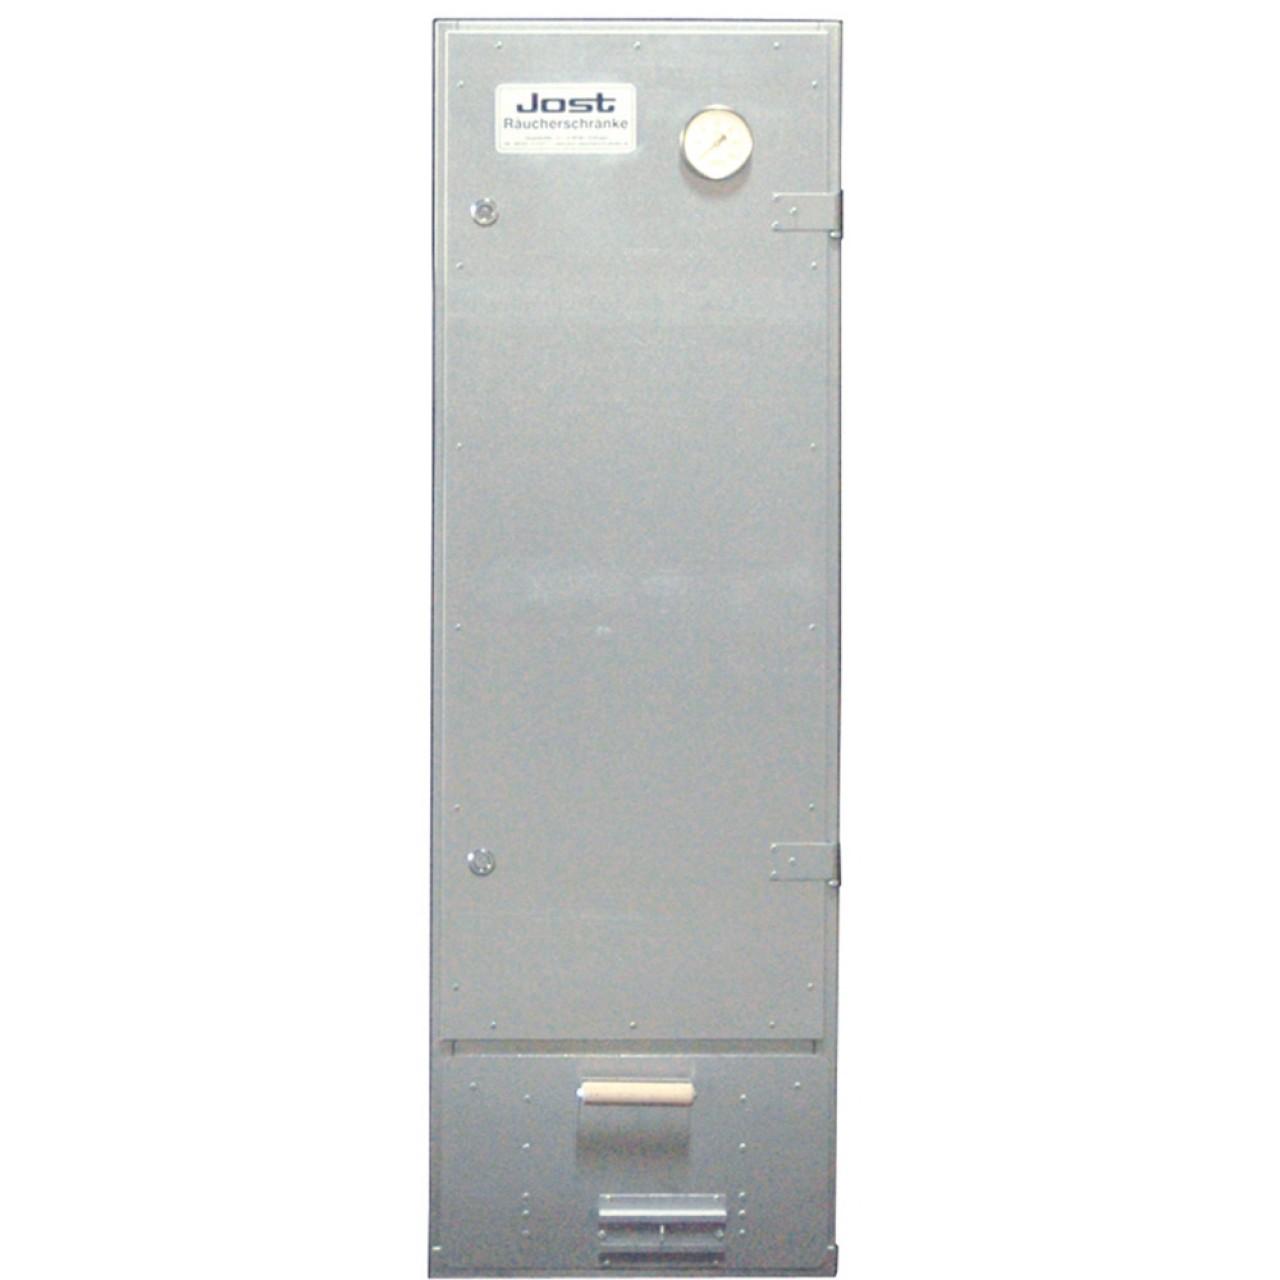 Räucherofen RS40-H, Außenmaße: BxTxH 450x365x1400 mm im FAIE Shop (AT)